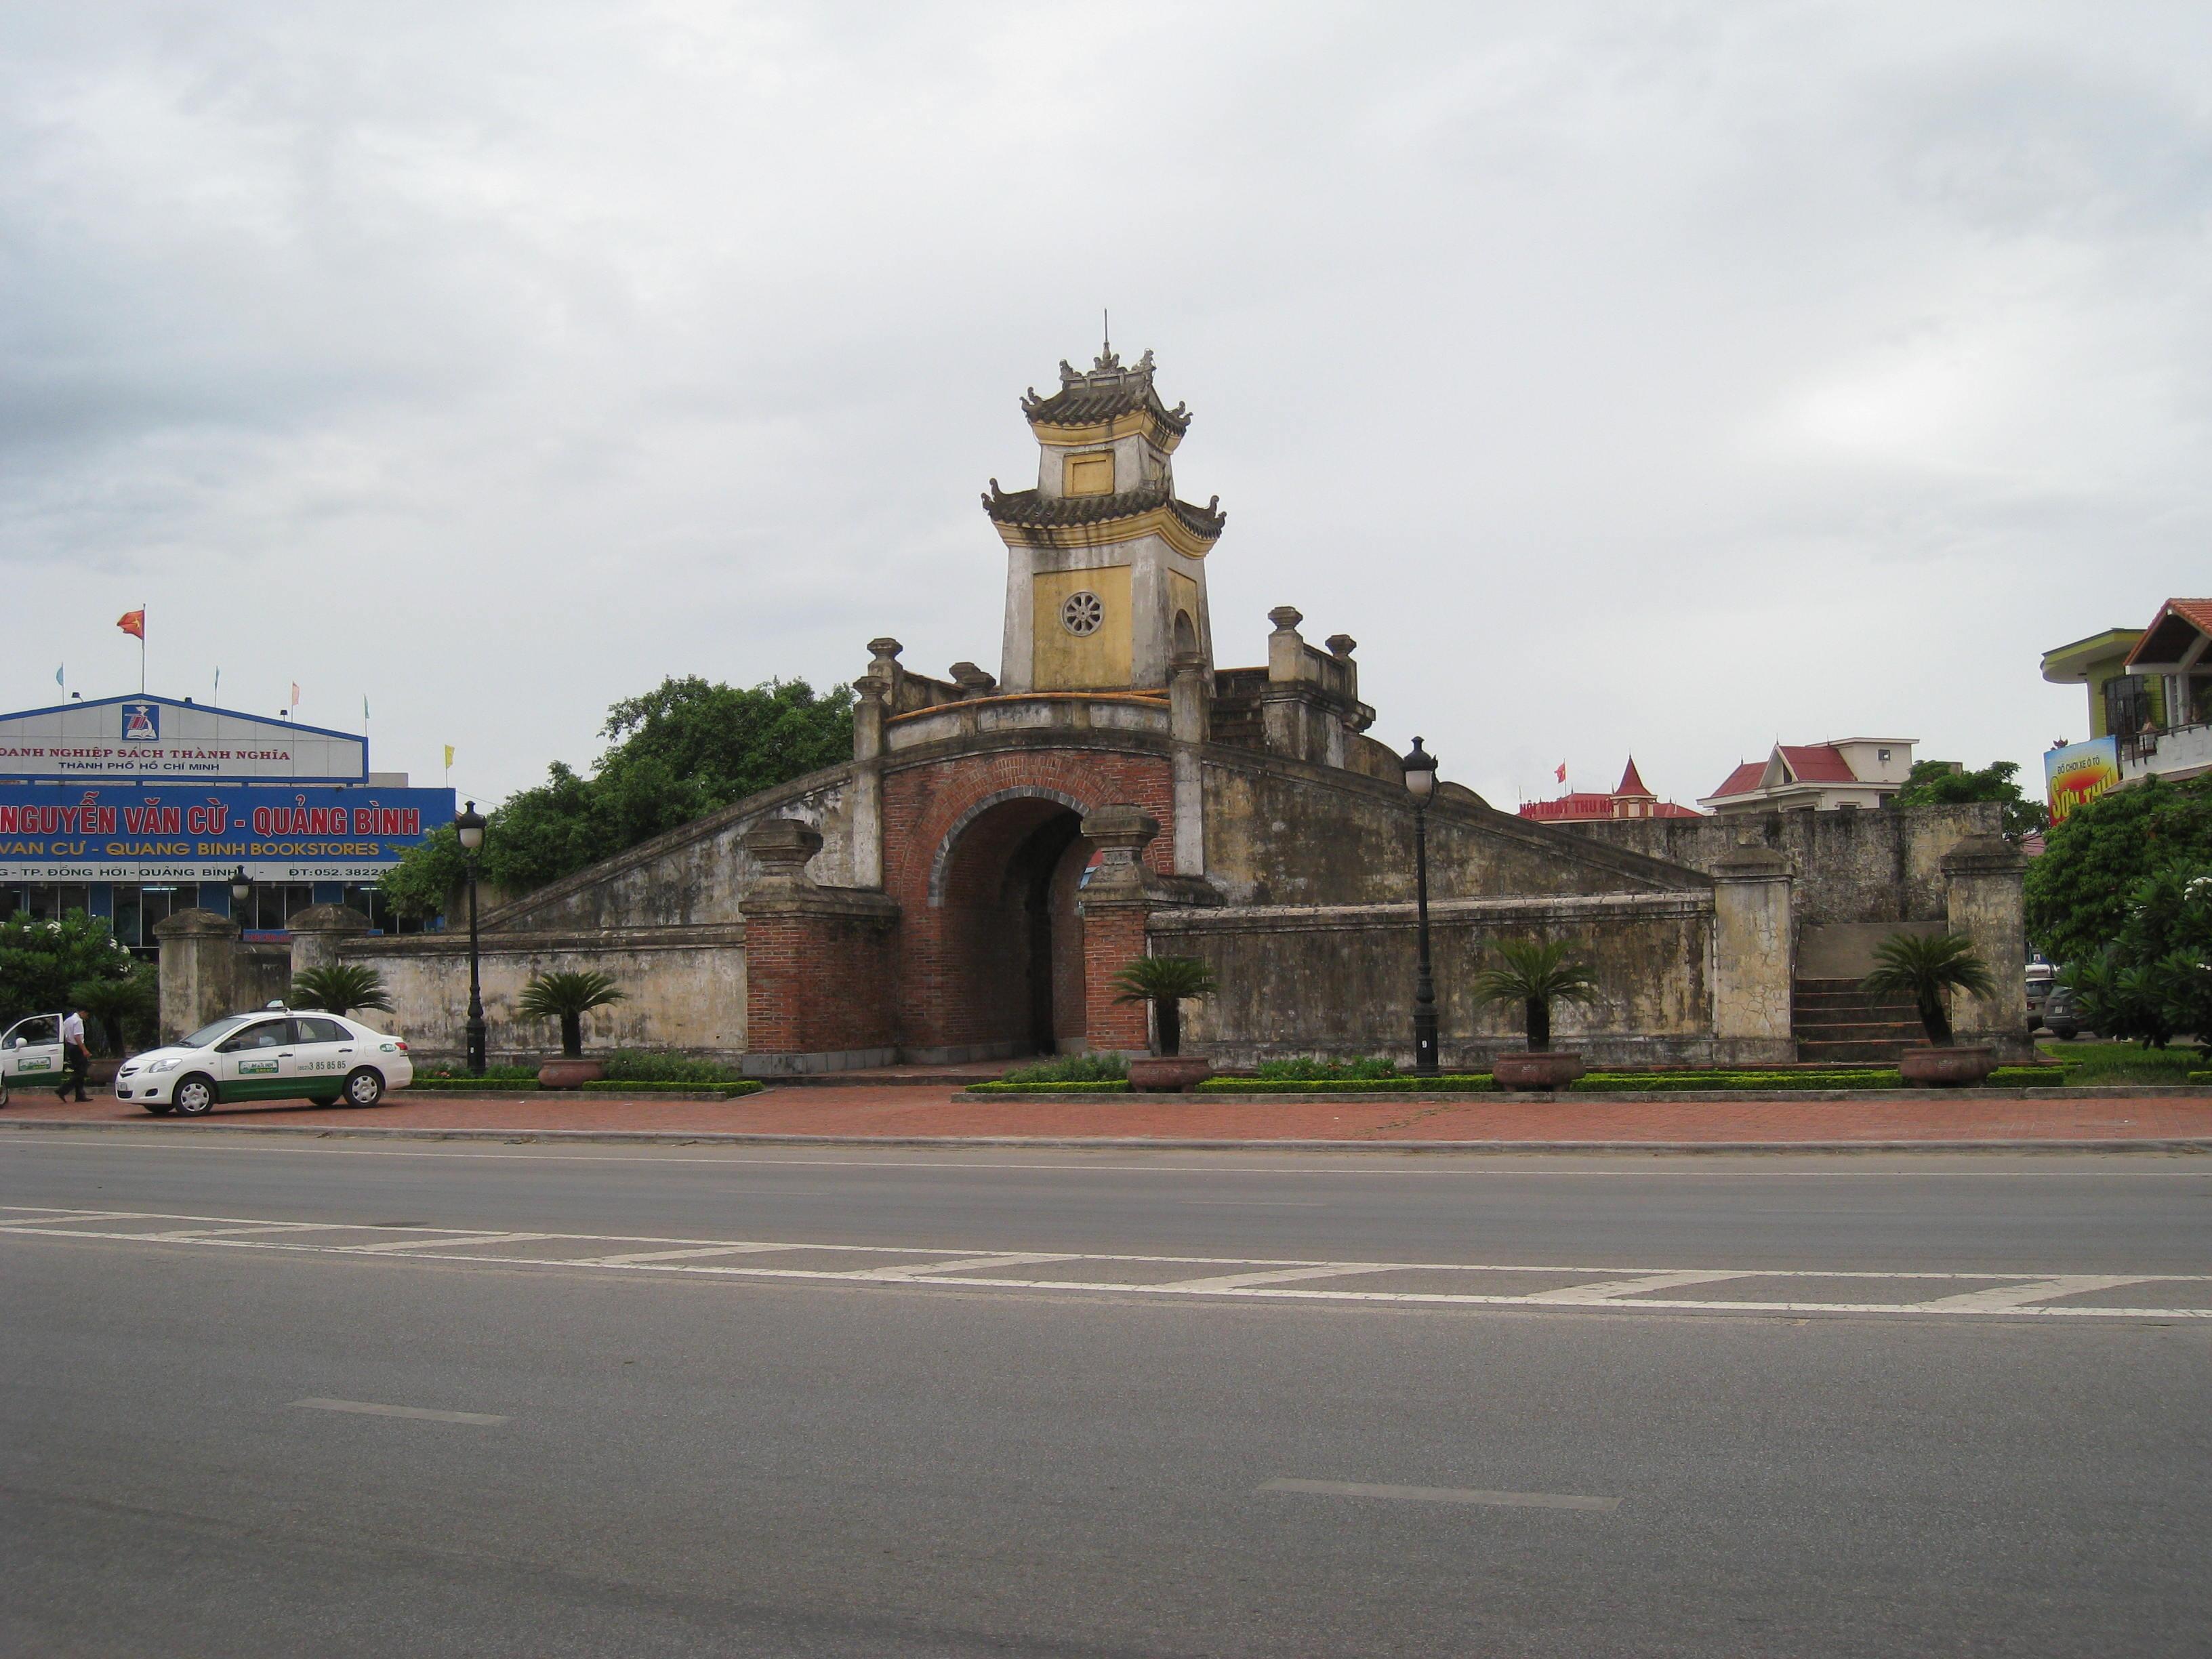 Bán nhớt Voltronic giá rẻ tại Quảng Bình